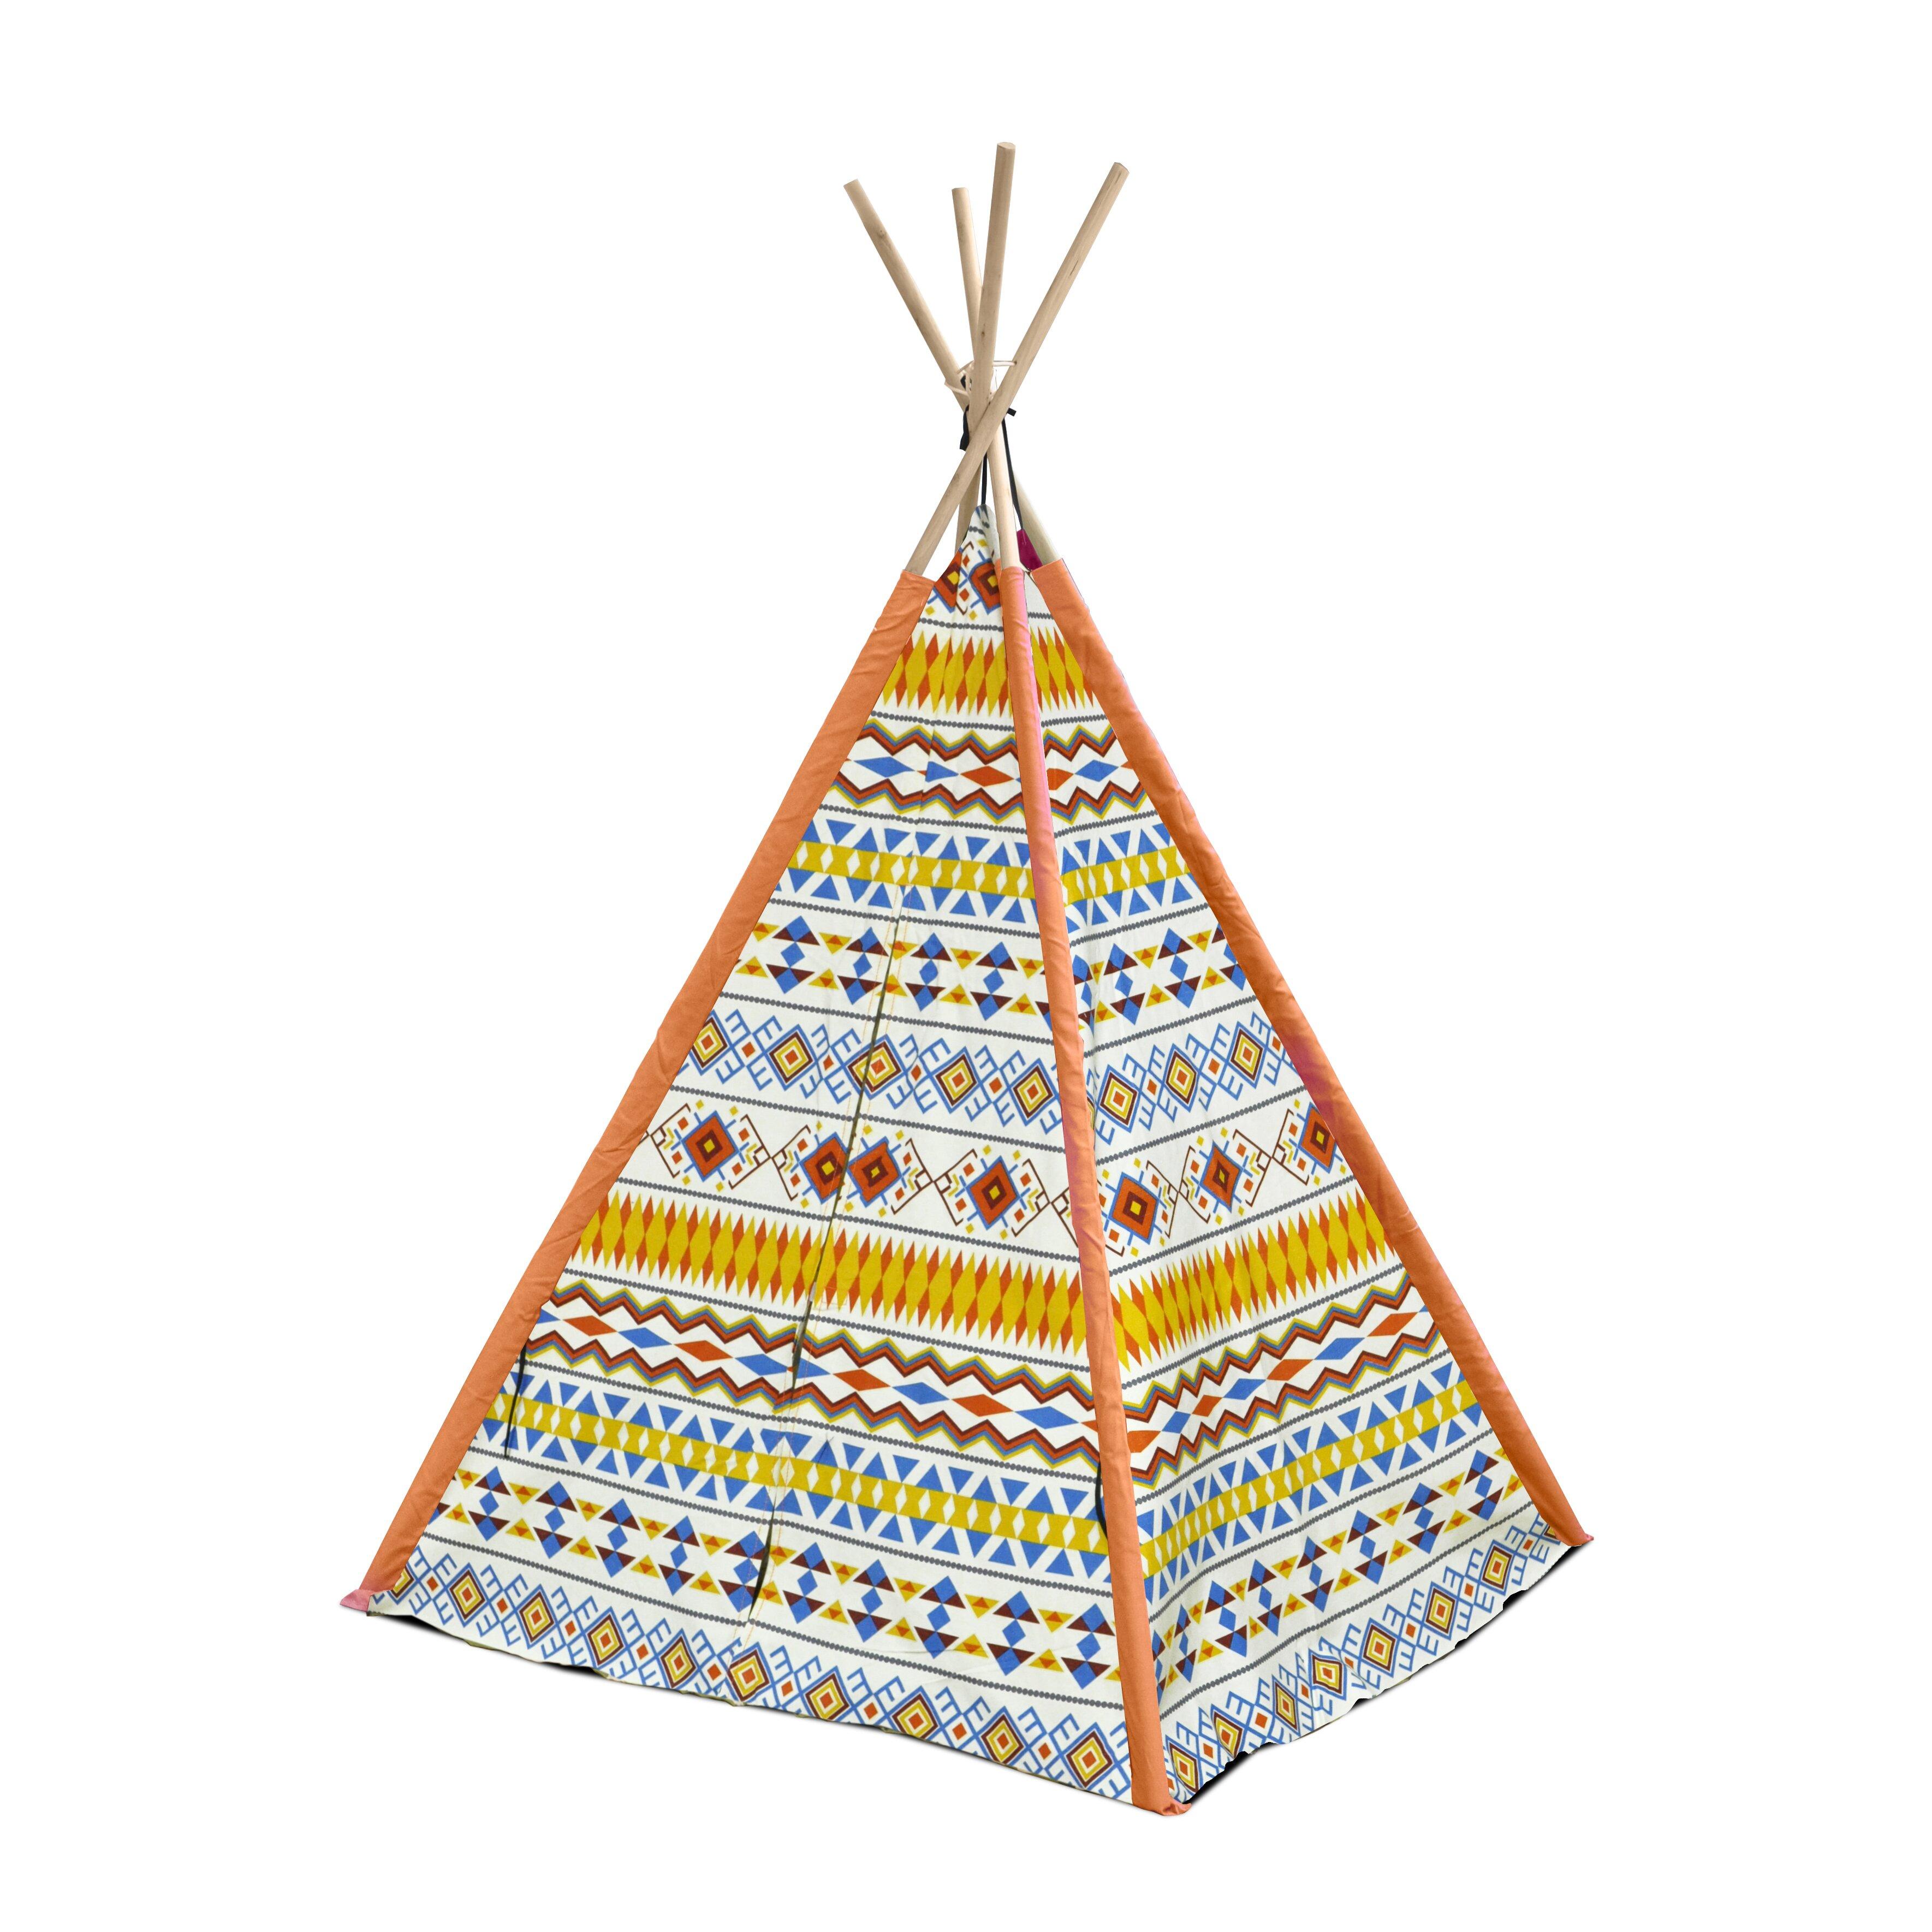 Heritage Kids Aztec Tribal Kid Play Teepee Reviews Wayfair